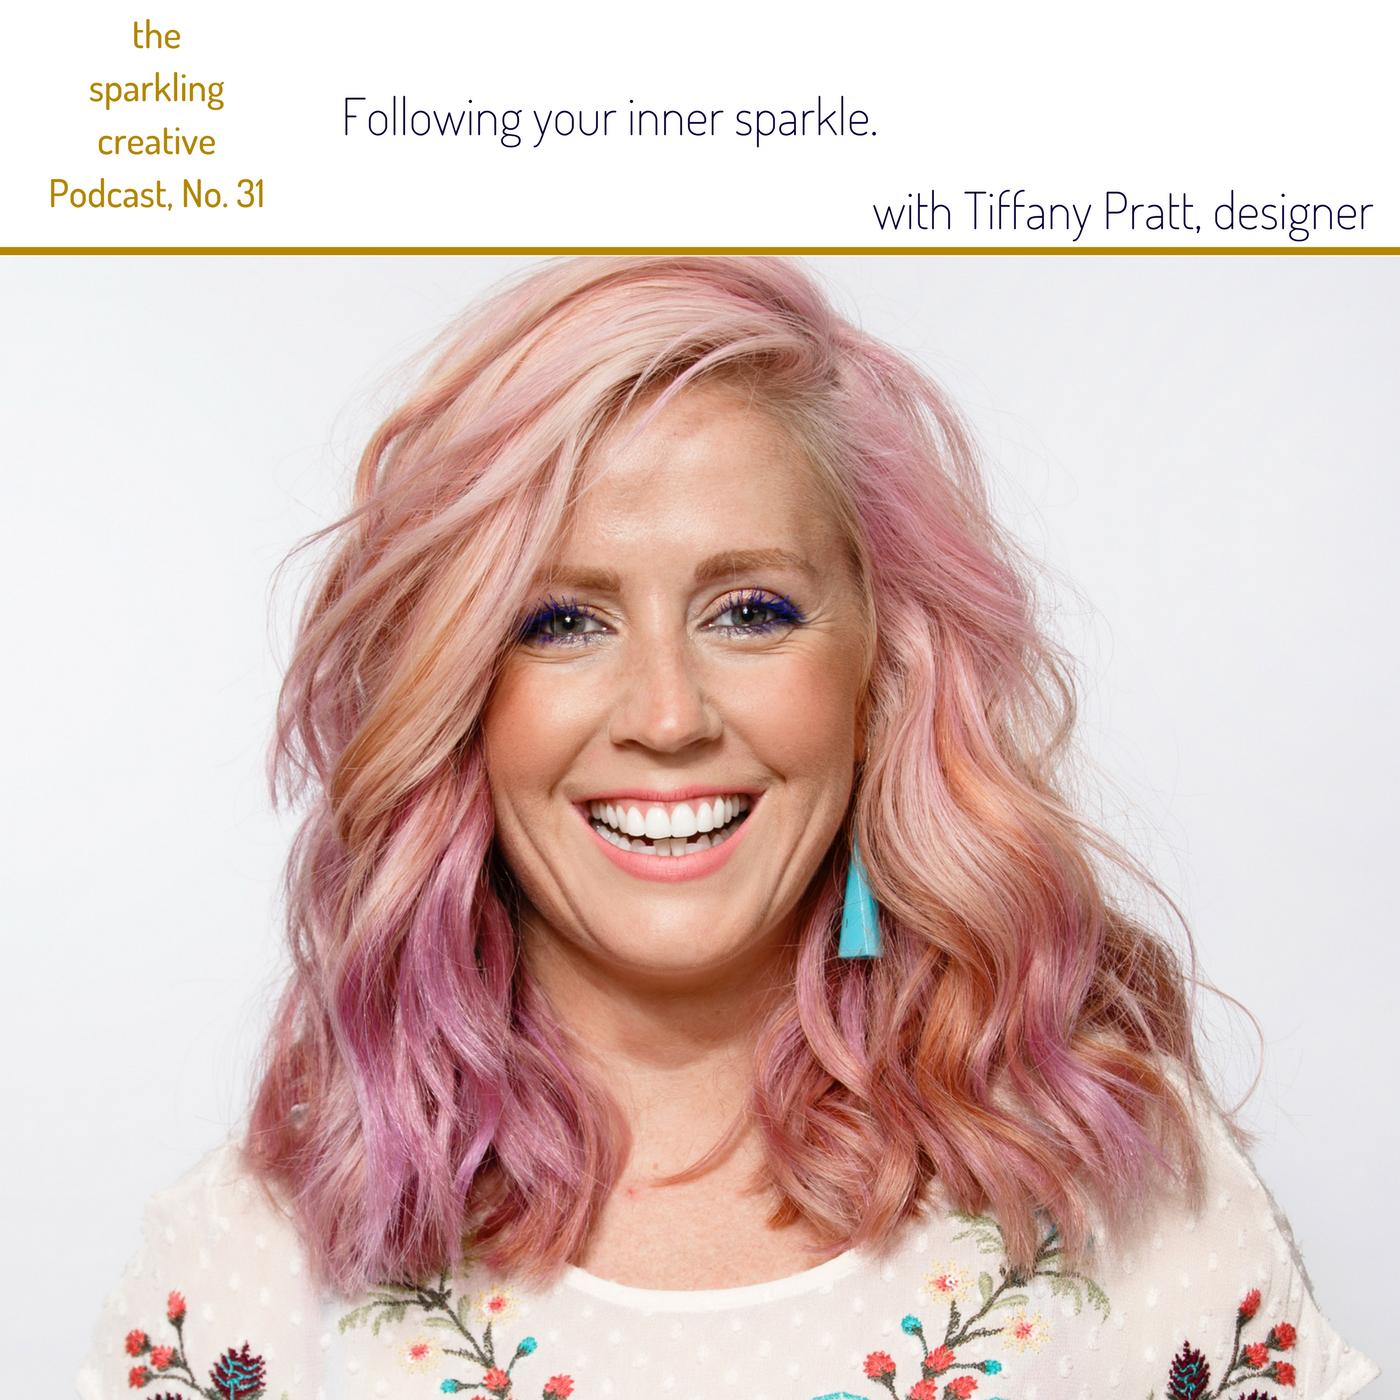 The sparkling creative Podcast, Episode 31: Following your inner sparkle, with Tiffany Pratt, Kerstin Pressler, www.kerstinpressler.com/blog-2/episode31